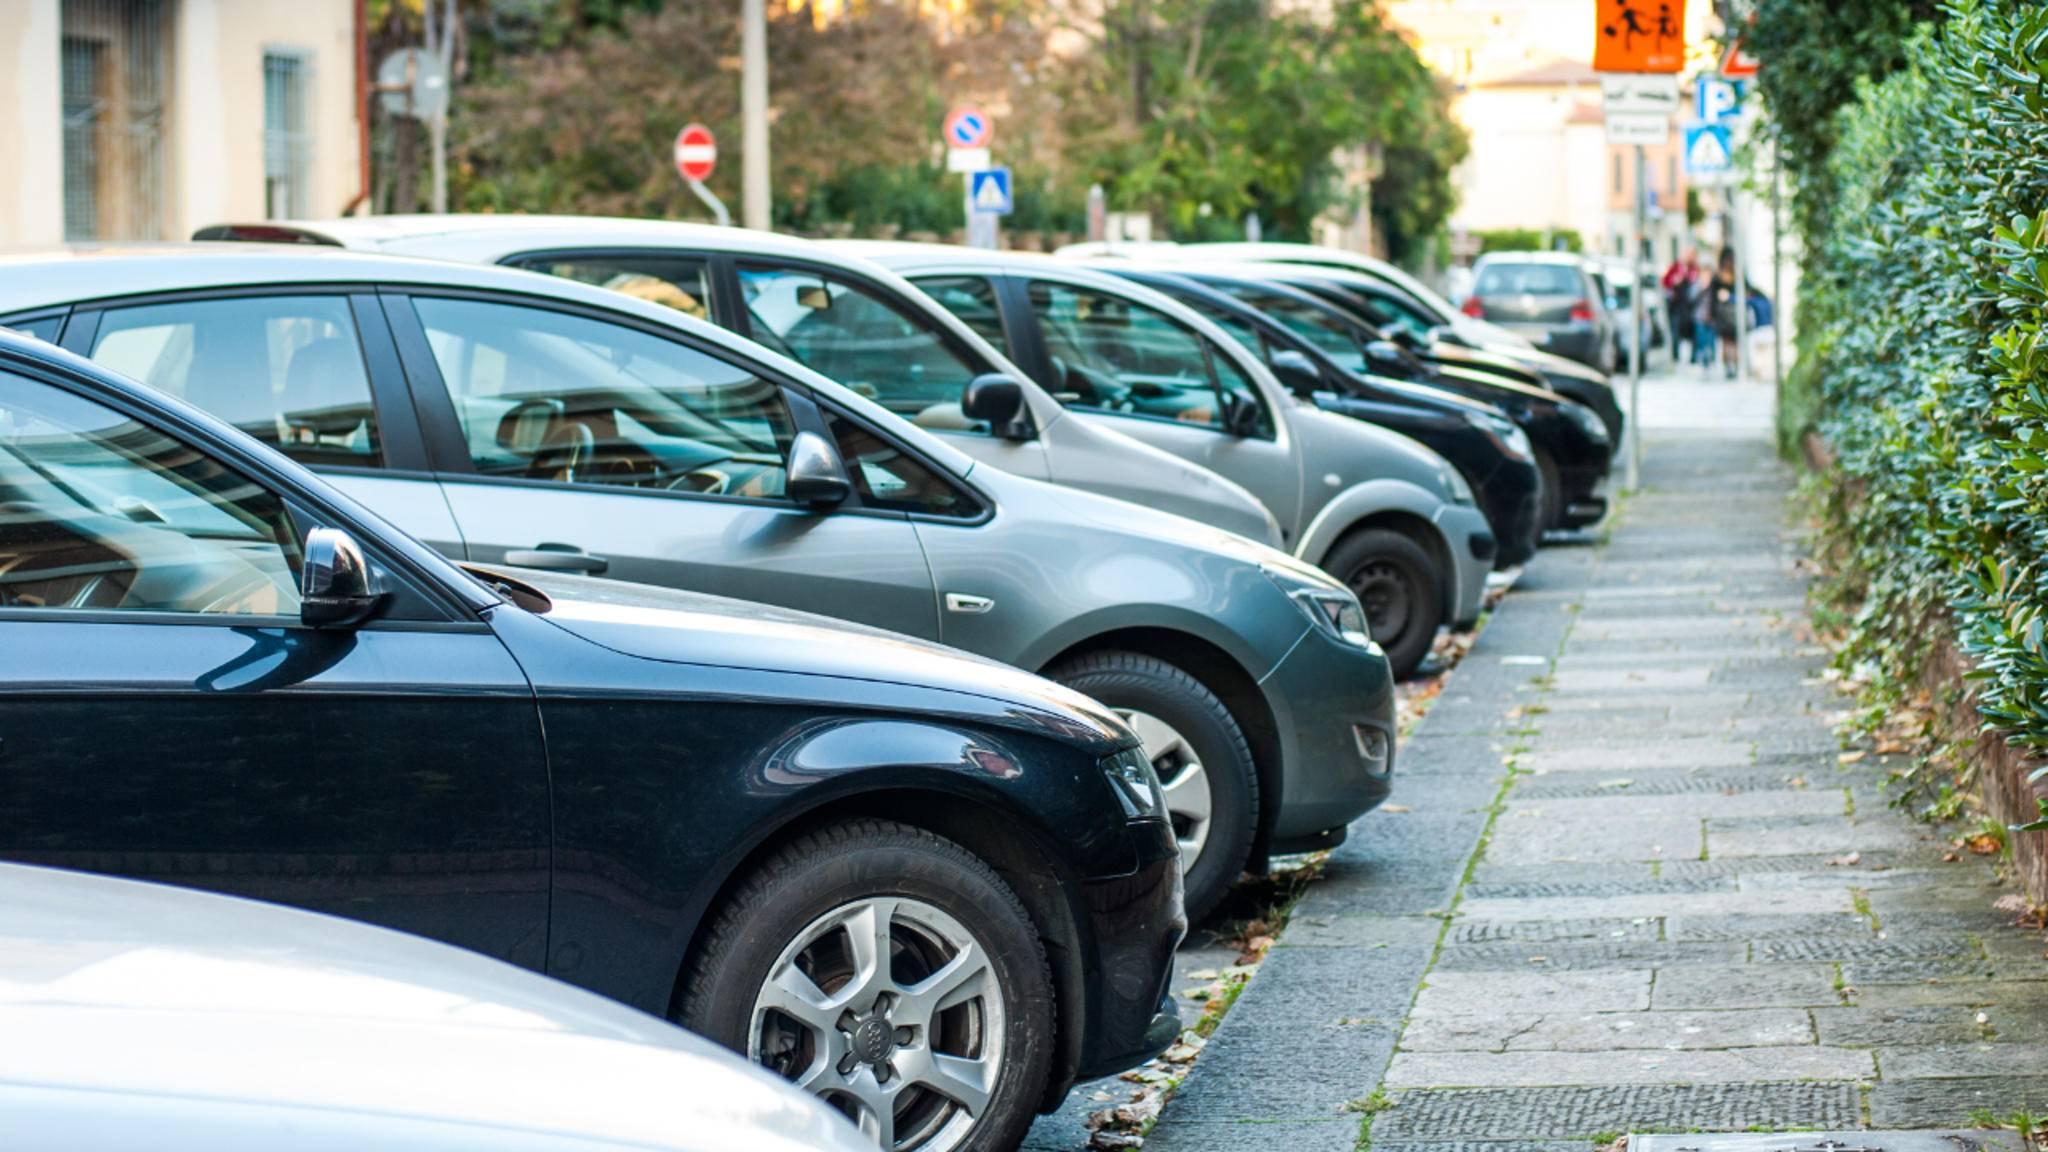 Mit der richtigen App ist die Suche nach einem Parkplatz gleich viel entspannter.